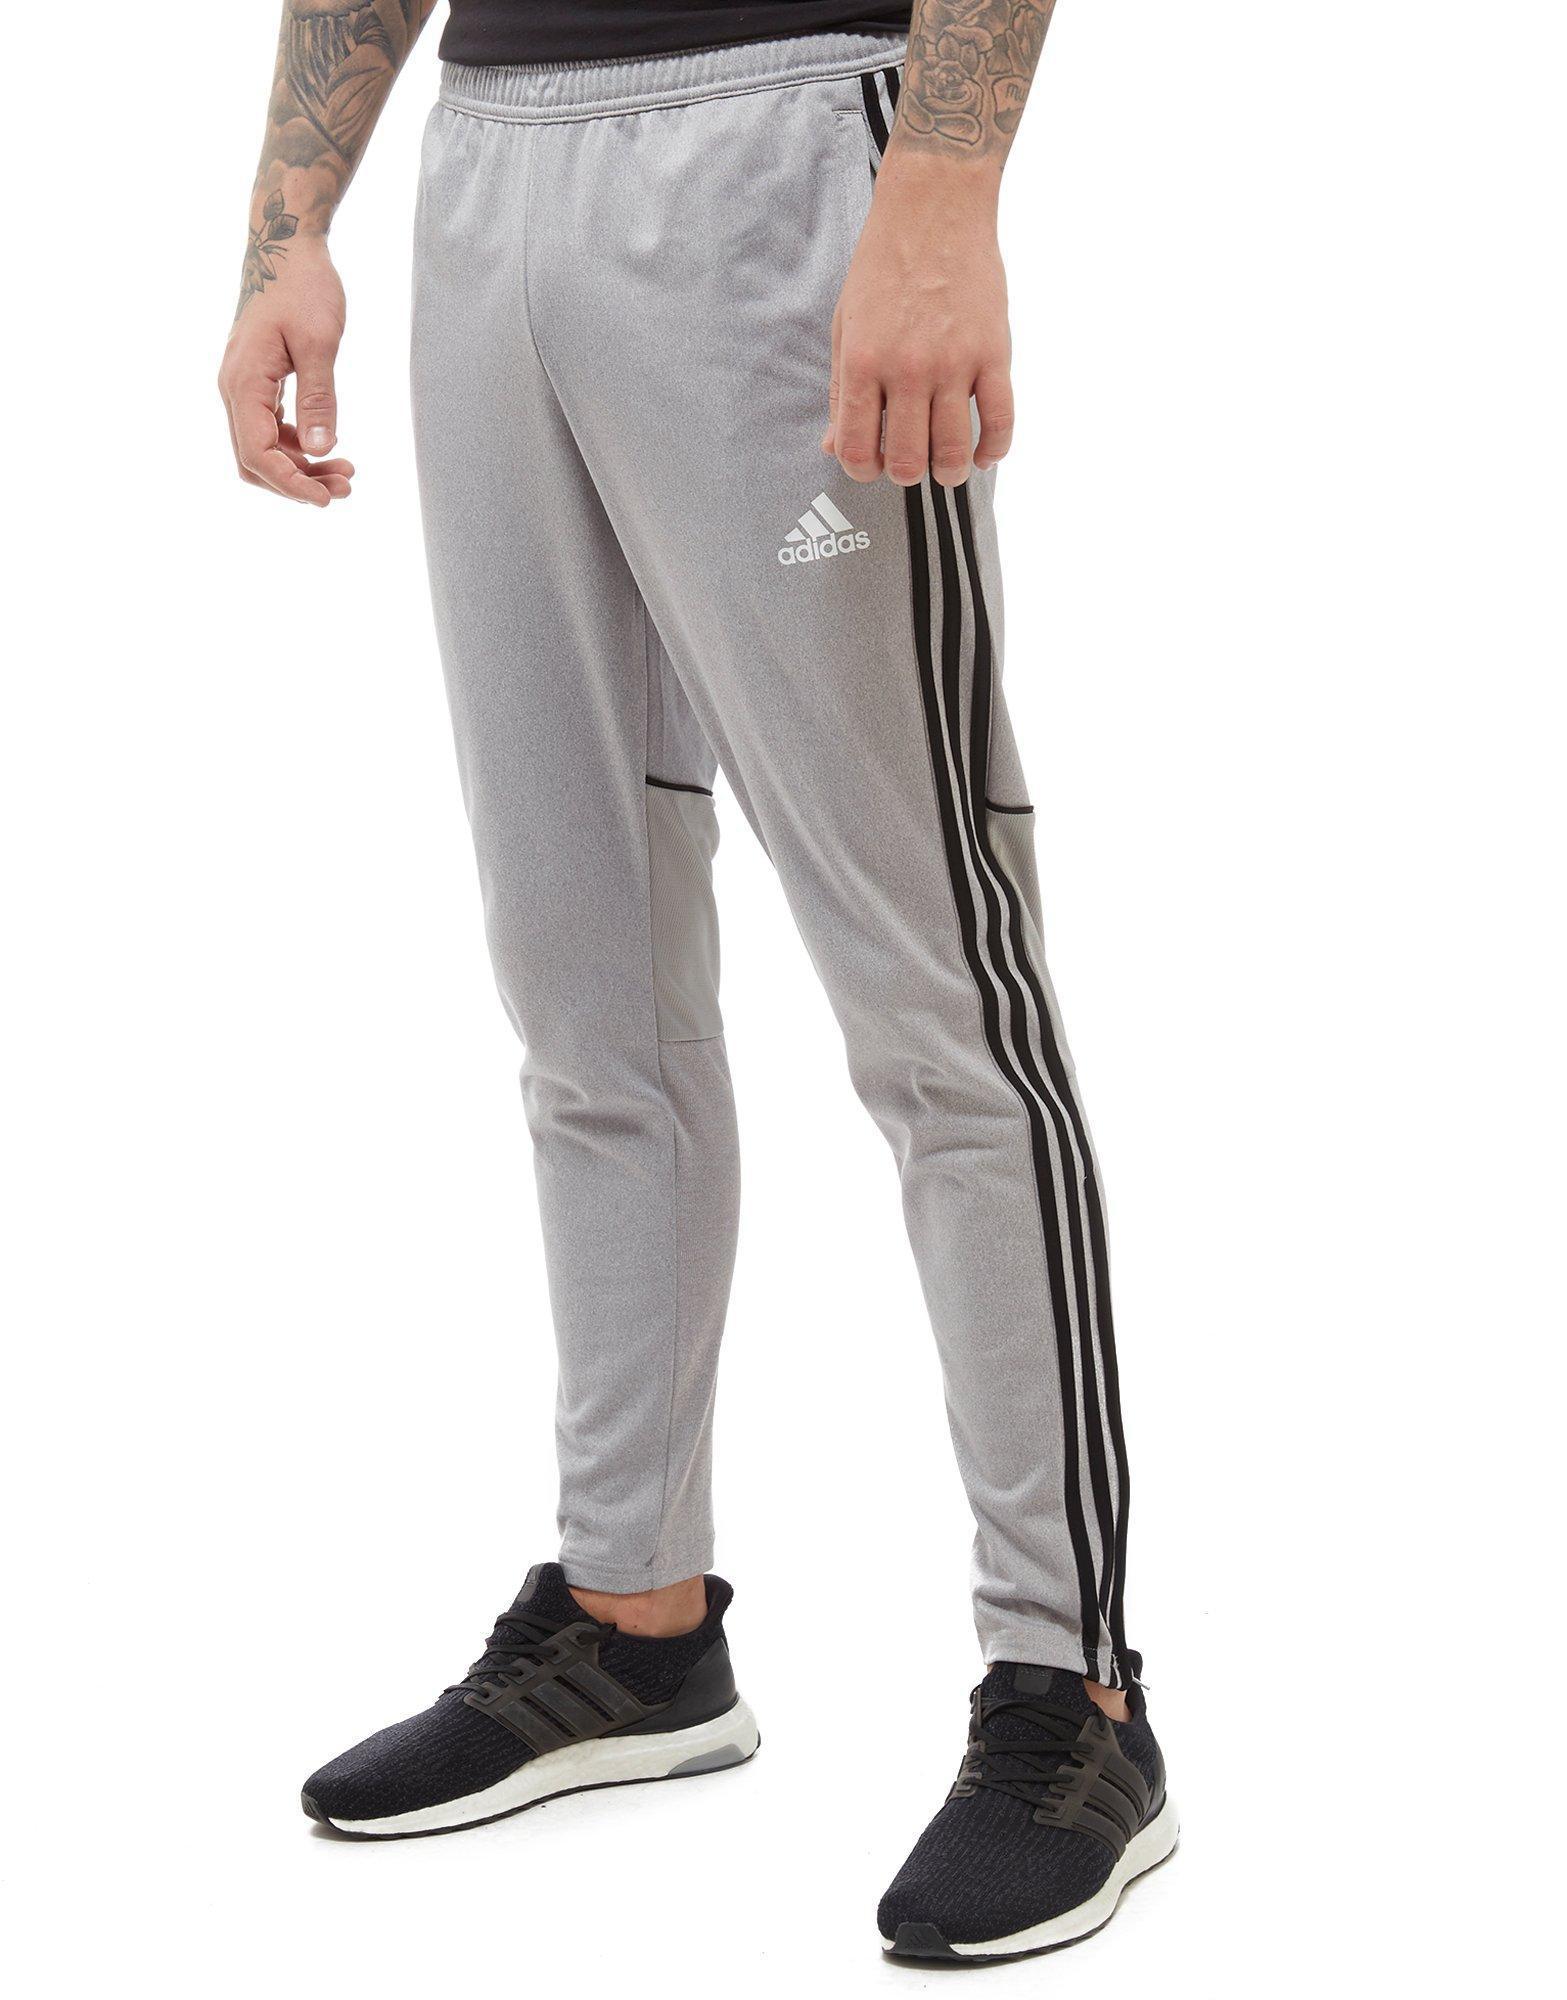 Adidas Tango Pantaloni In Grigio Per Gli Uomini Lyst